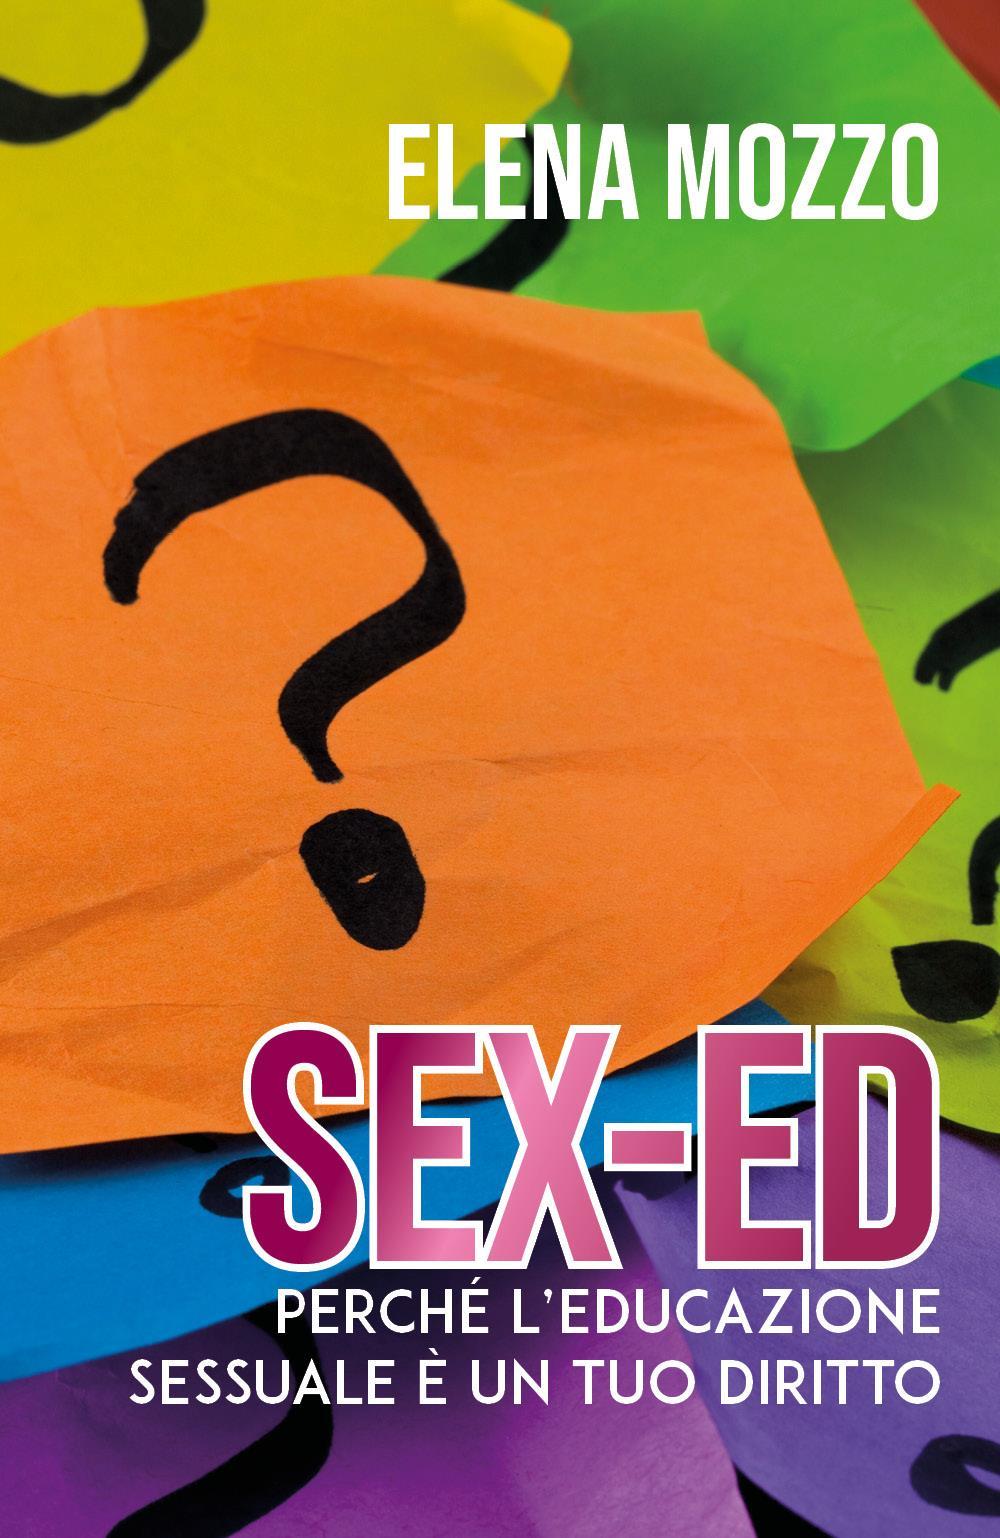 SEX-ED Perché l'educazione sessuale è un tuo diritto